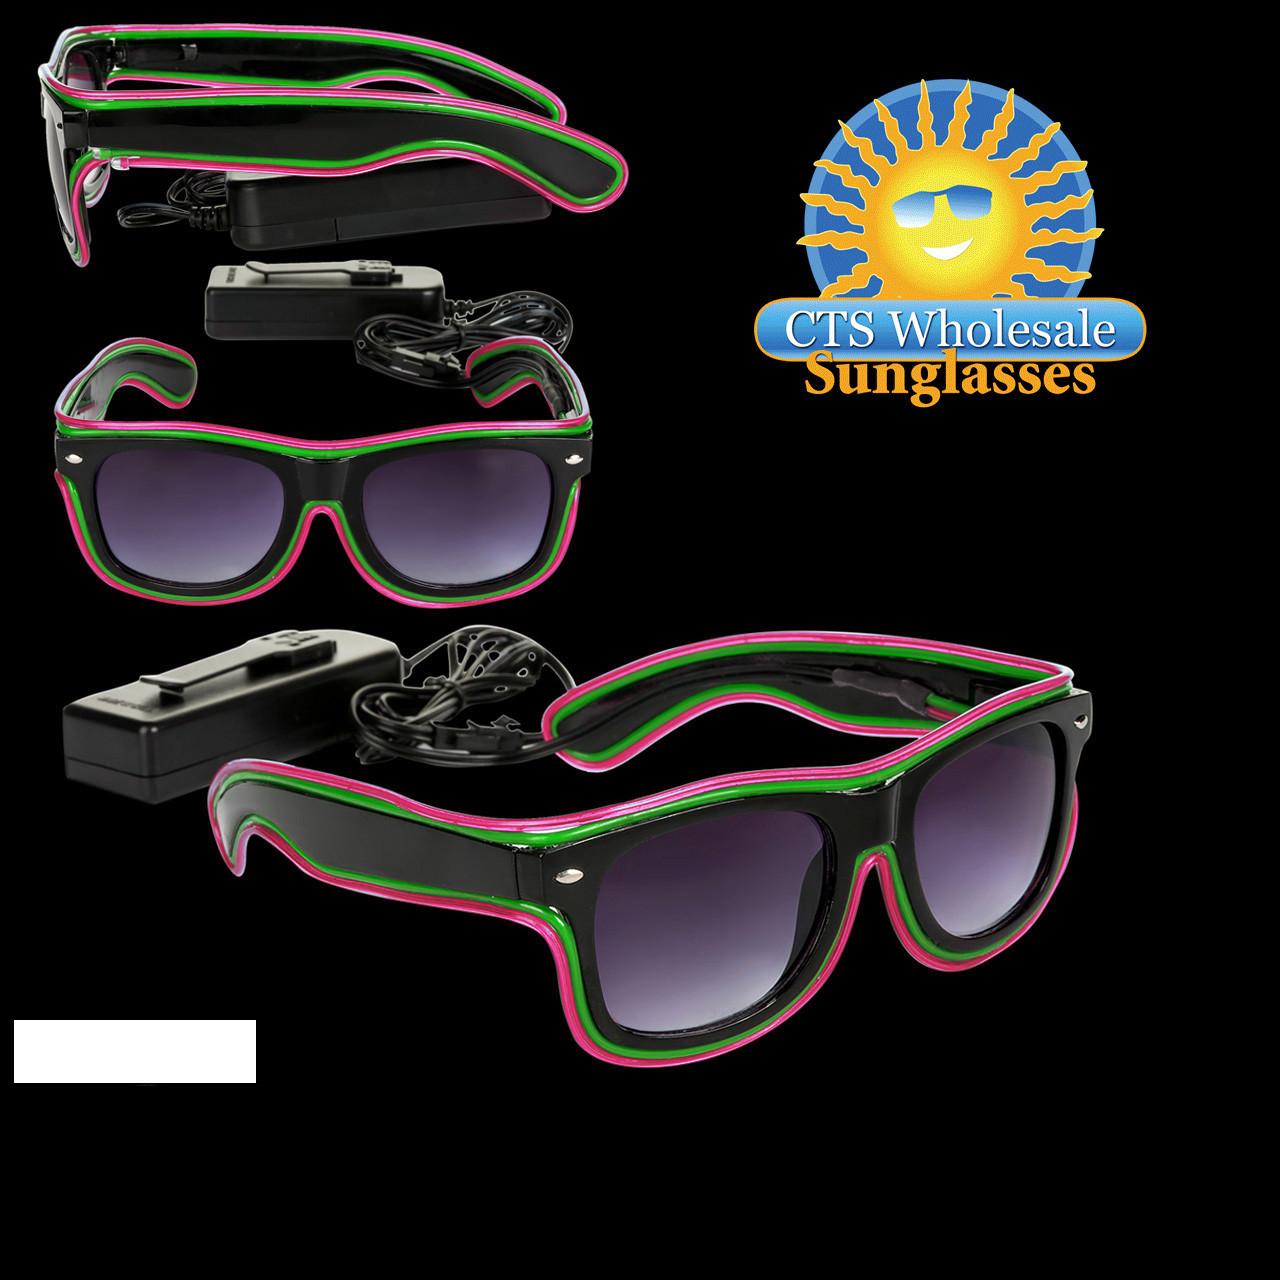 Hot Pink & Green LED Sunglasses LS001